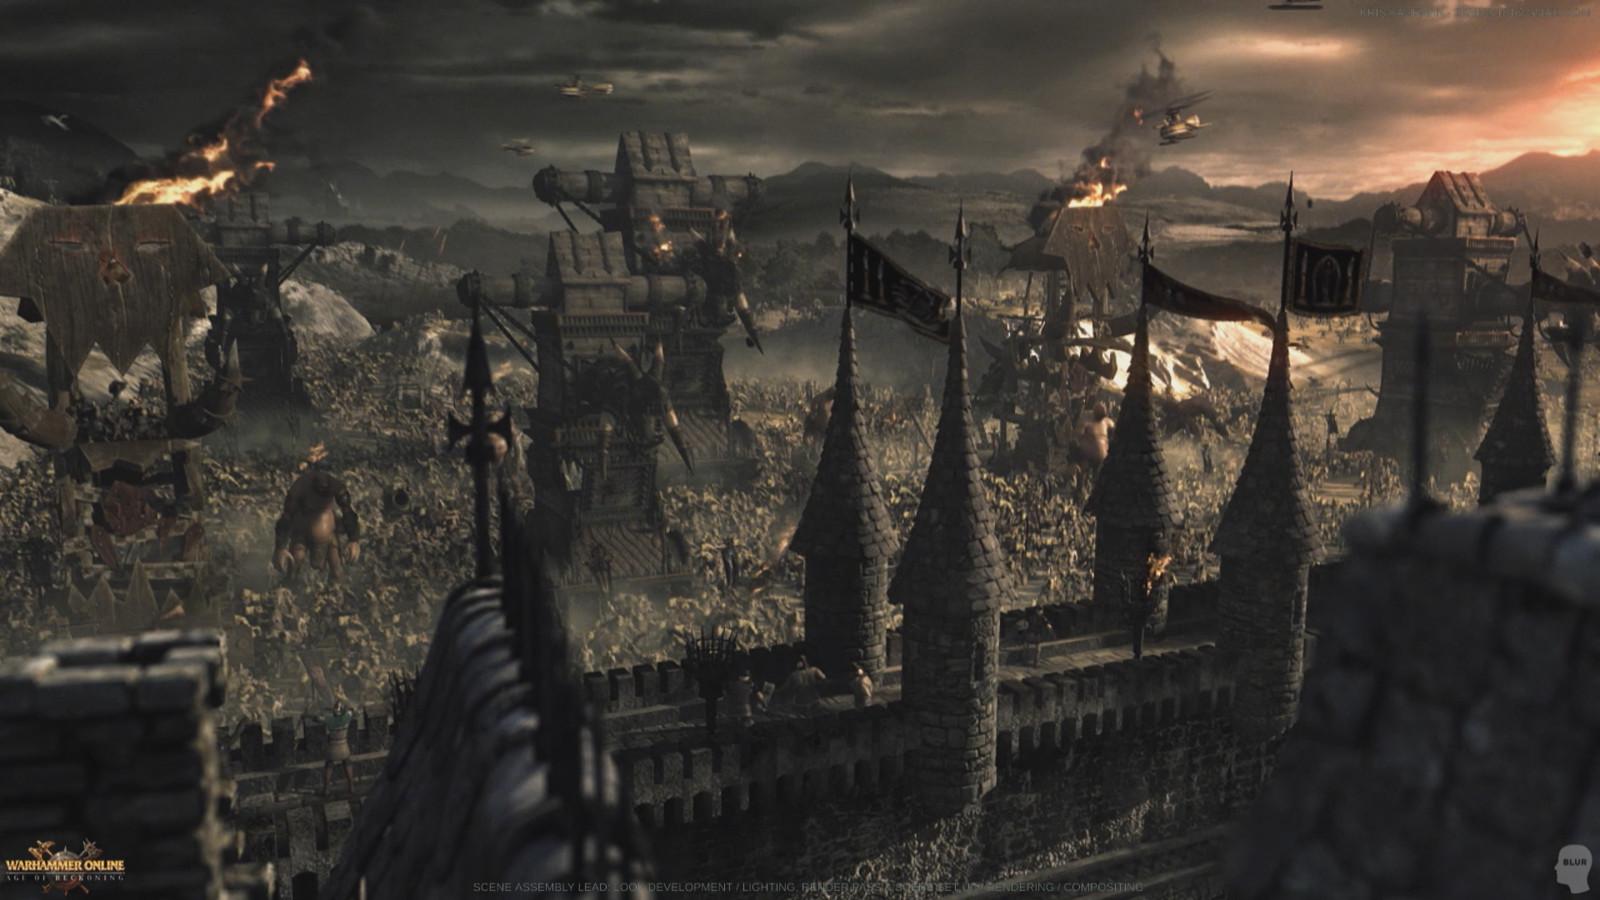 Warhammer Online: Look Development / Scene Set Up / Lighting / Rendering / Compositing